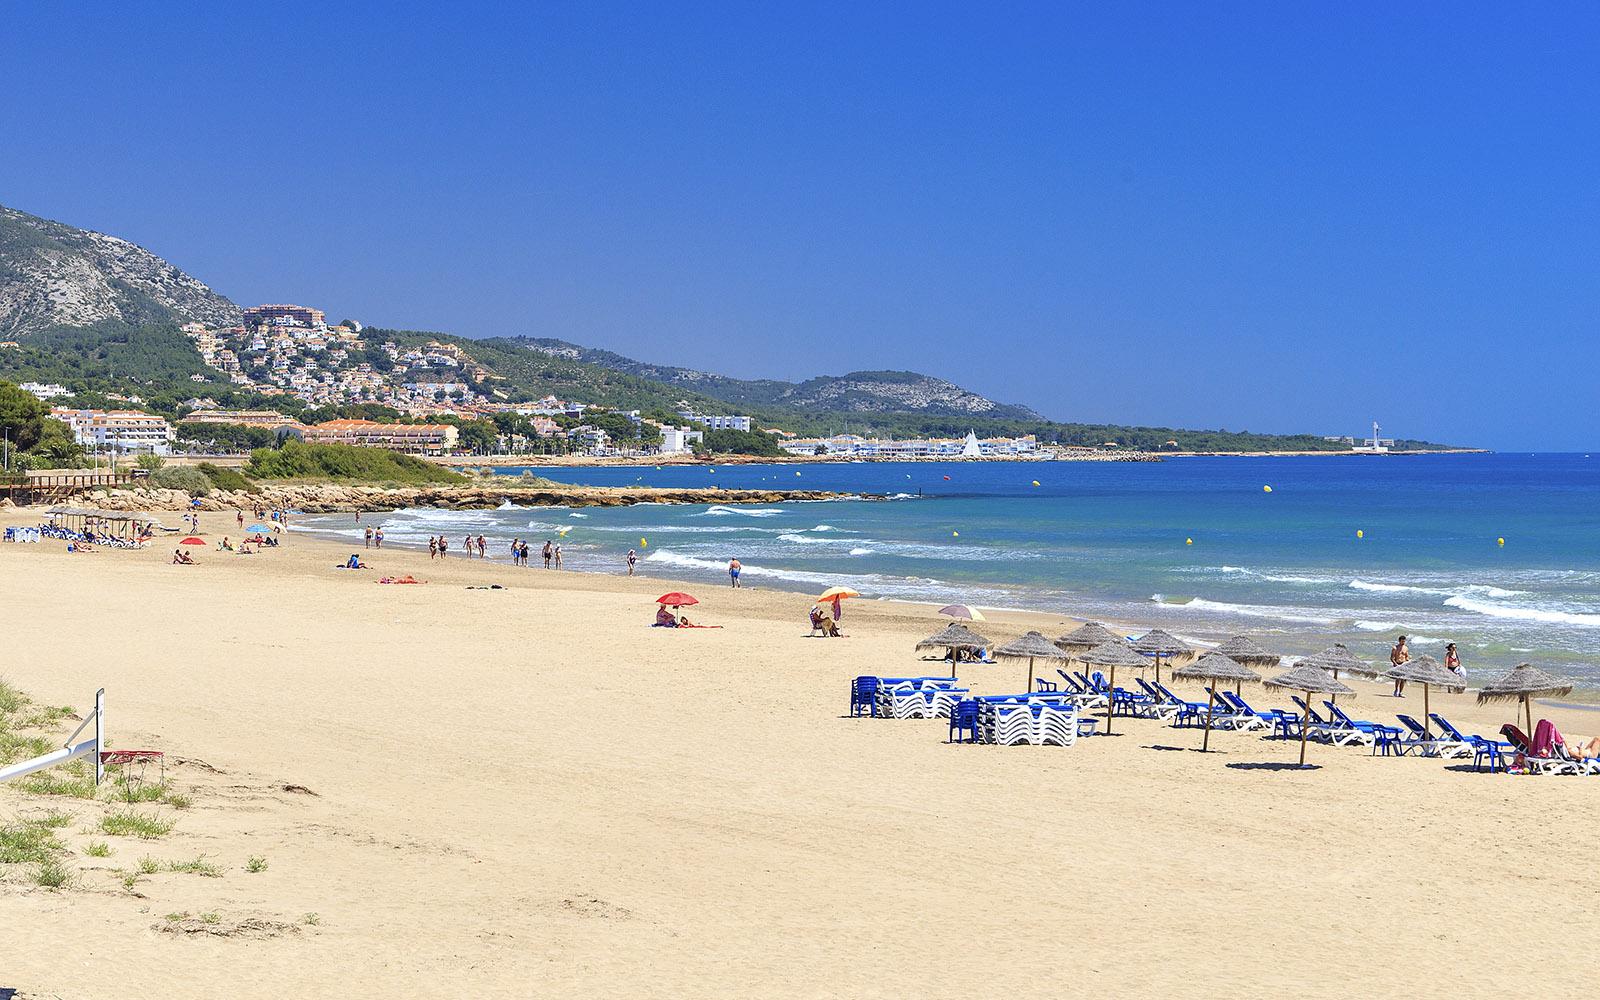 Turismo-Alcossebre-Playa-Romana-Alcossebre